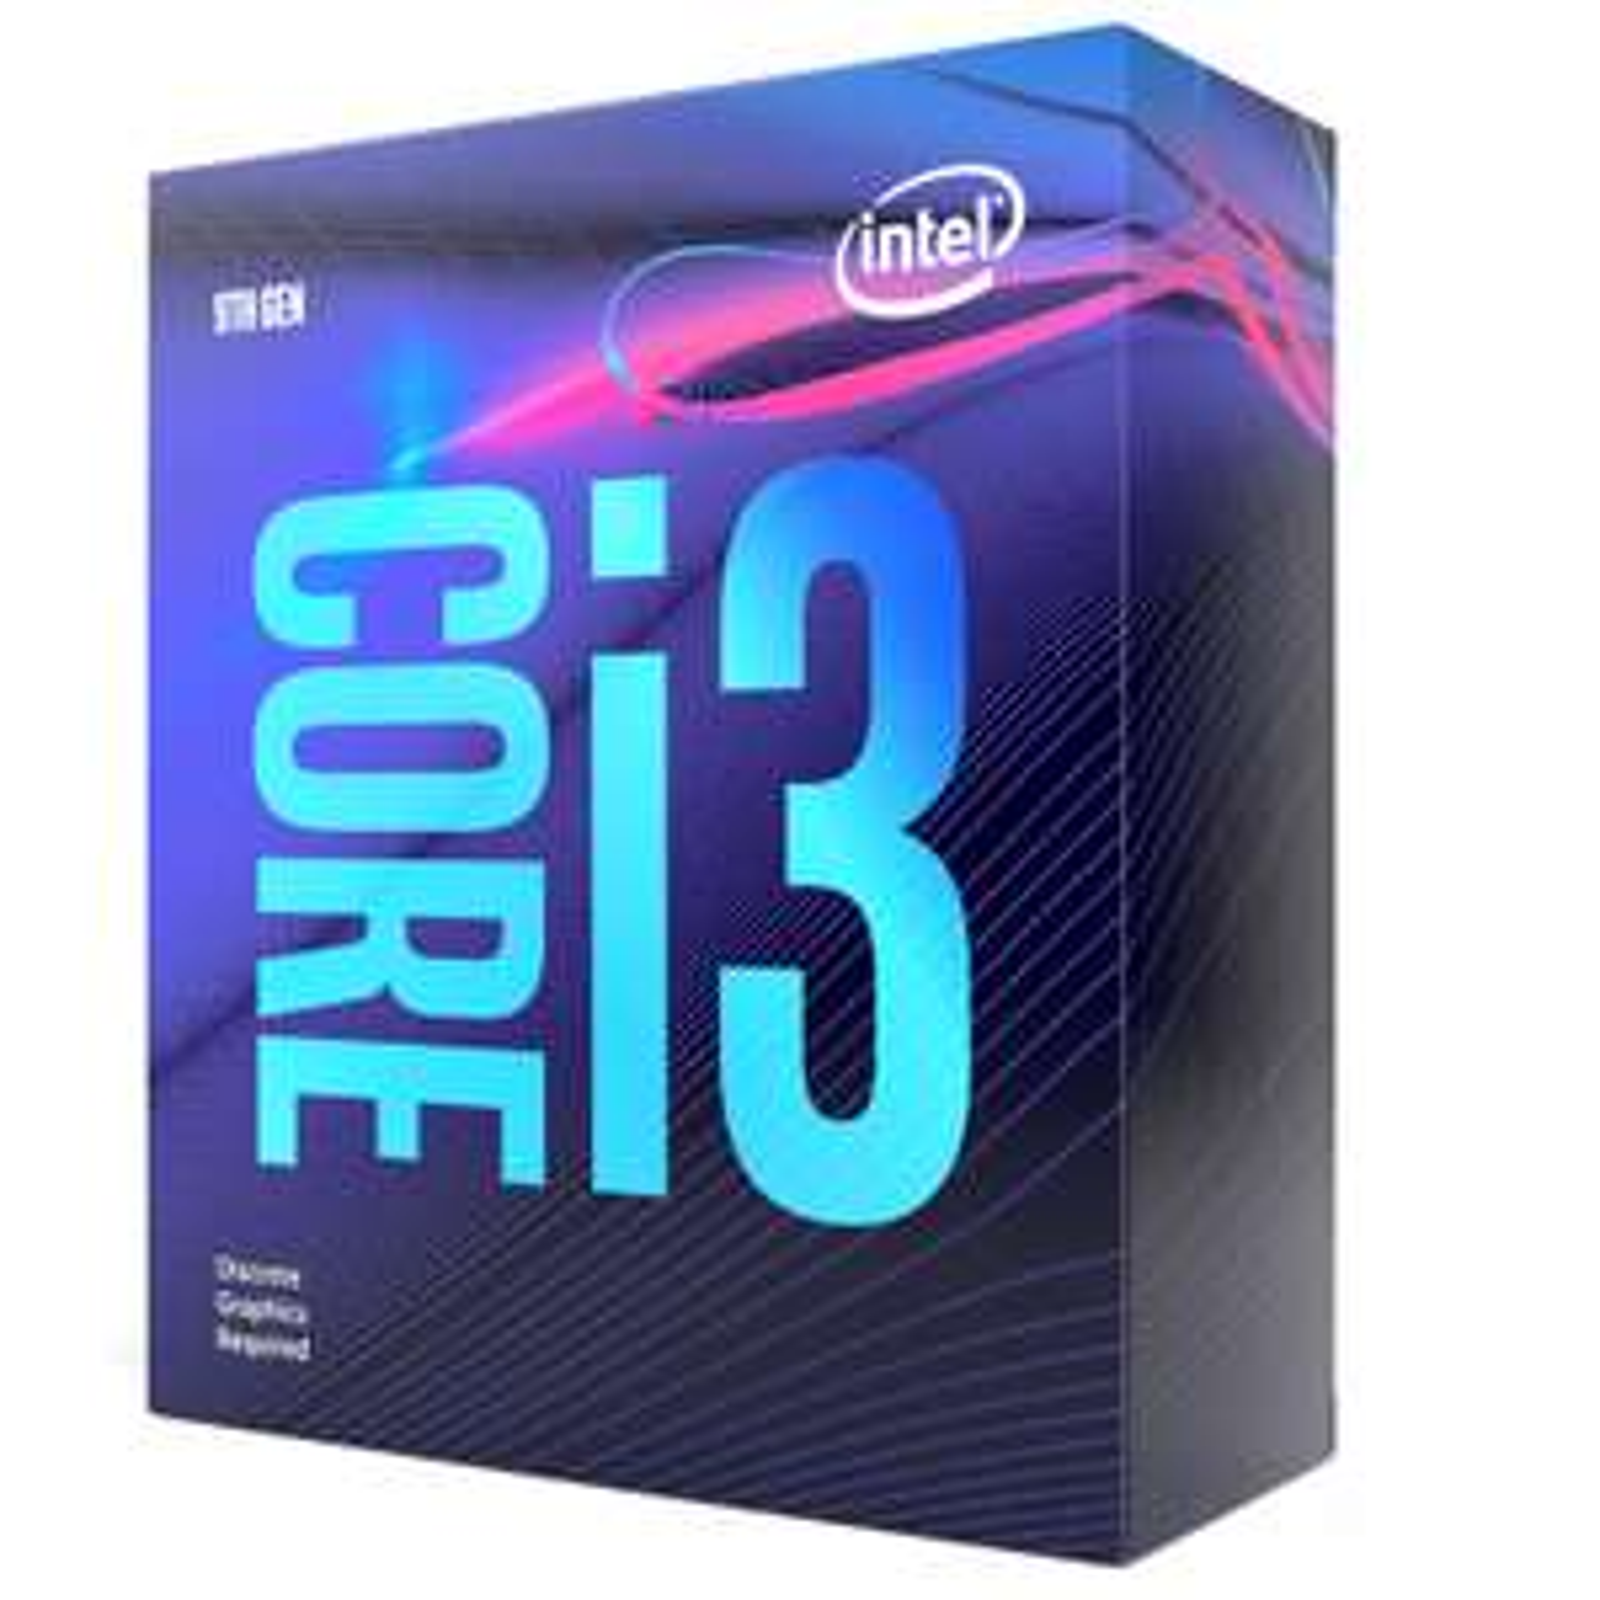 Processeur Intel Core i3 9100F - 4 cœurs, 3.6-4.2Ghz